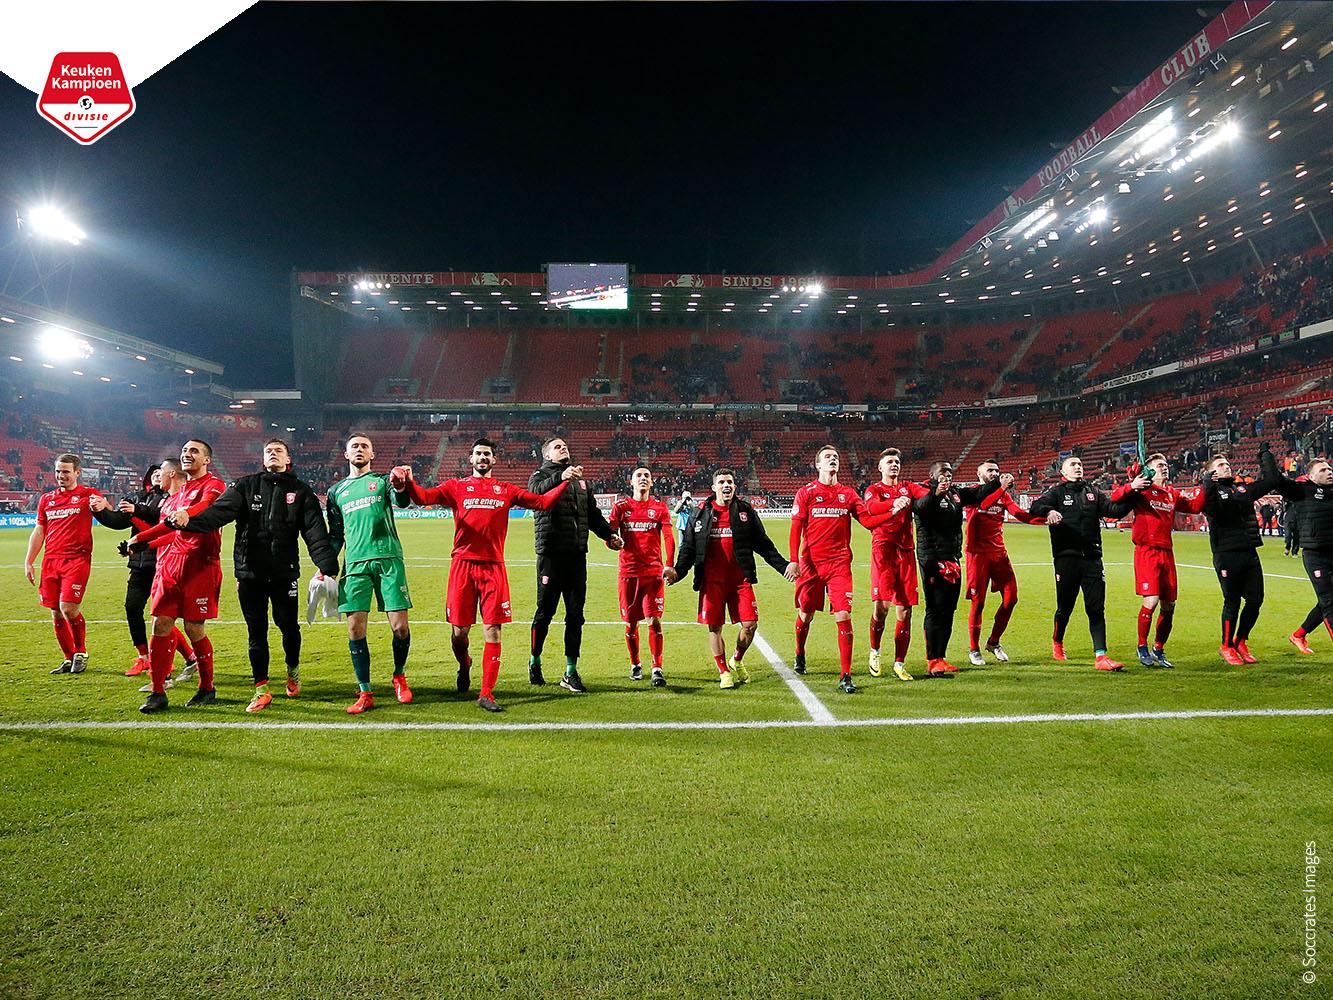 Keuken Kampioen Rotterdam : Sparta rotterdam fc twente wedstrijd van de tegenstellingen